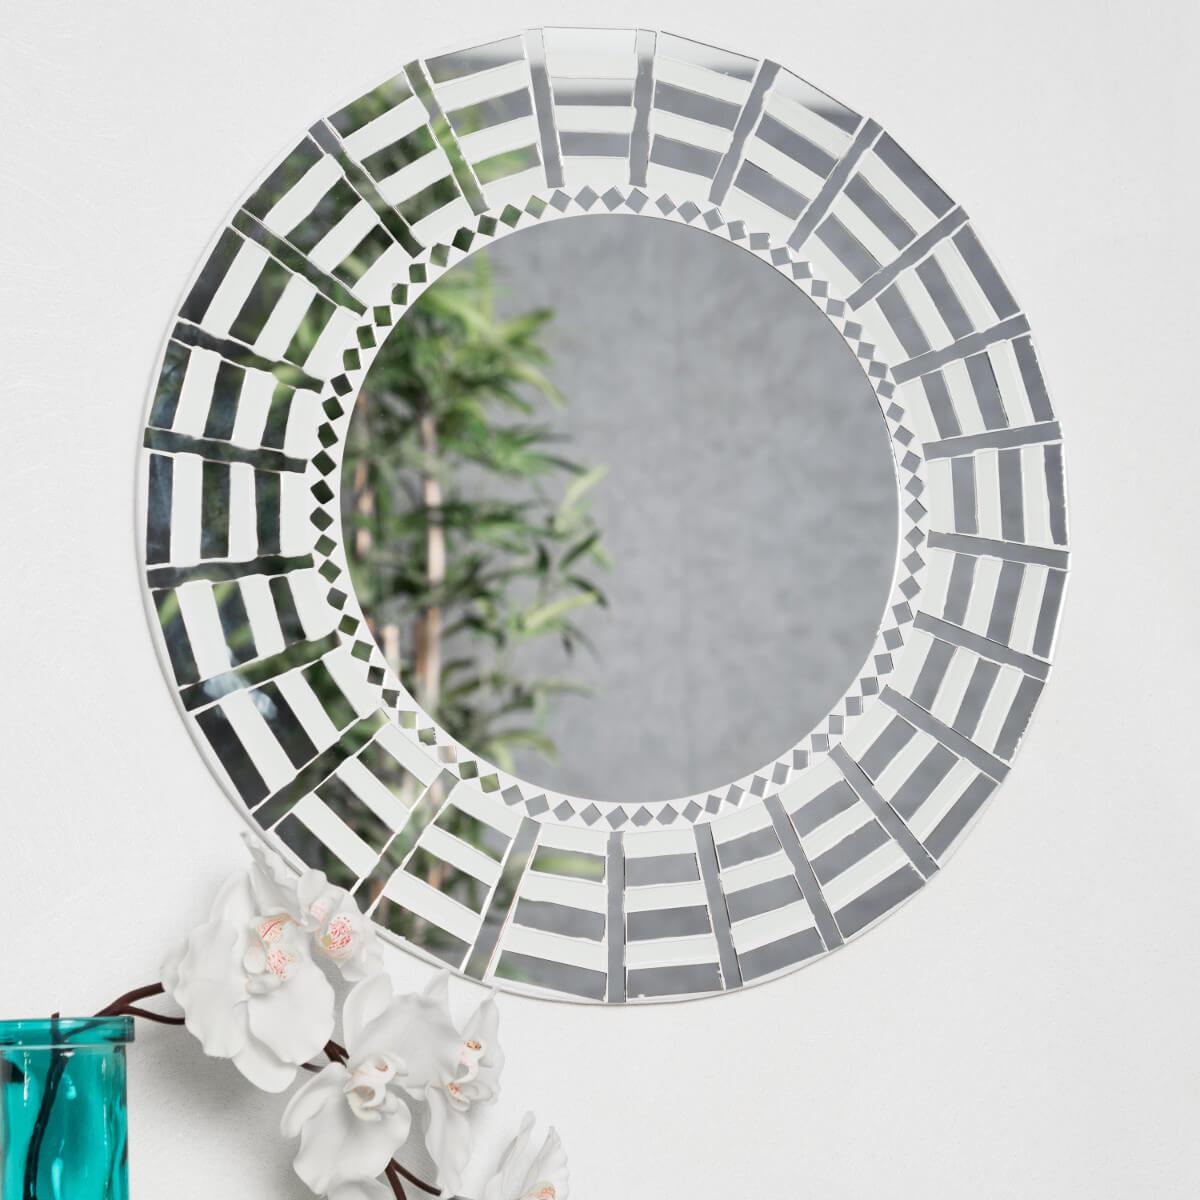 Miroir mosaique design blanc argent 50cm salon chambre for Miroir mosaique design